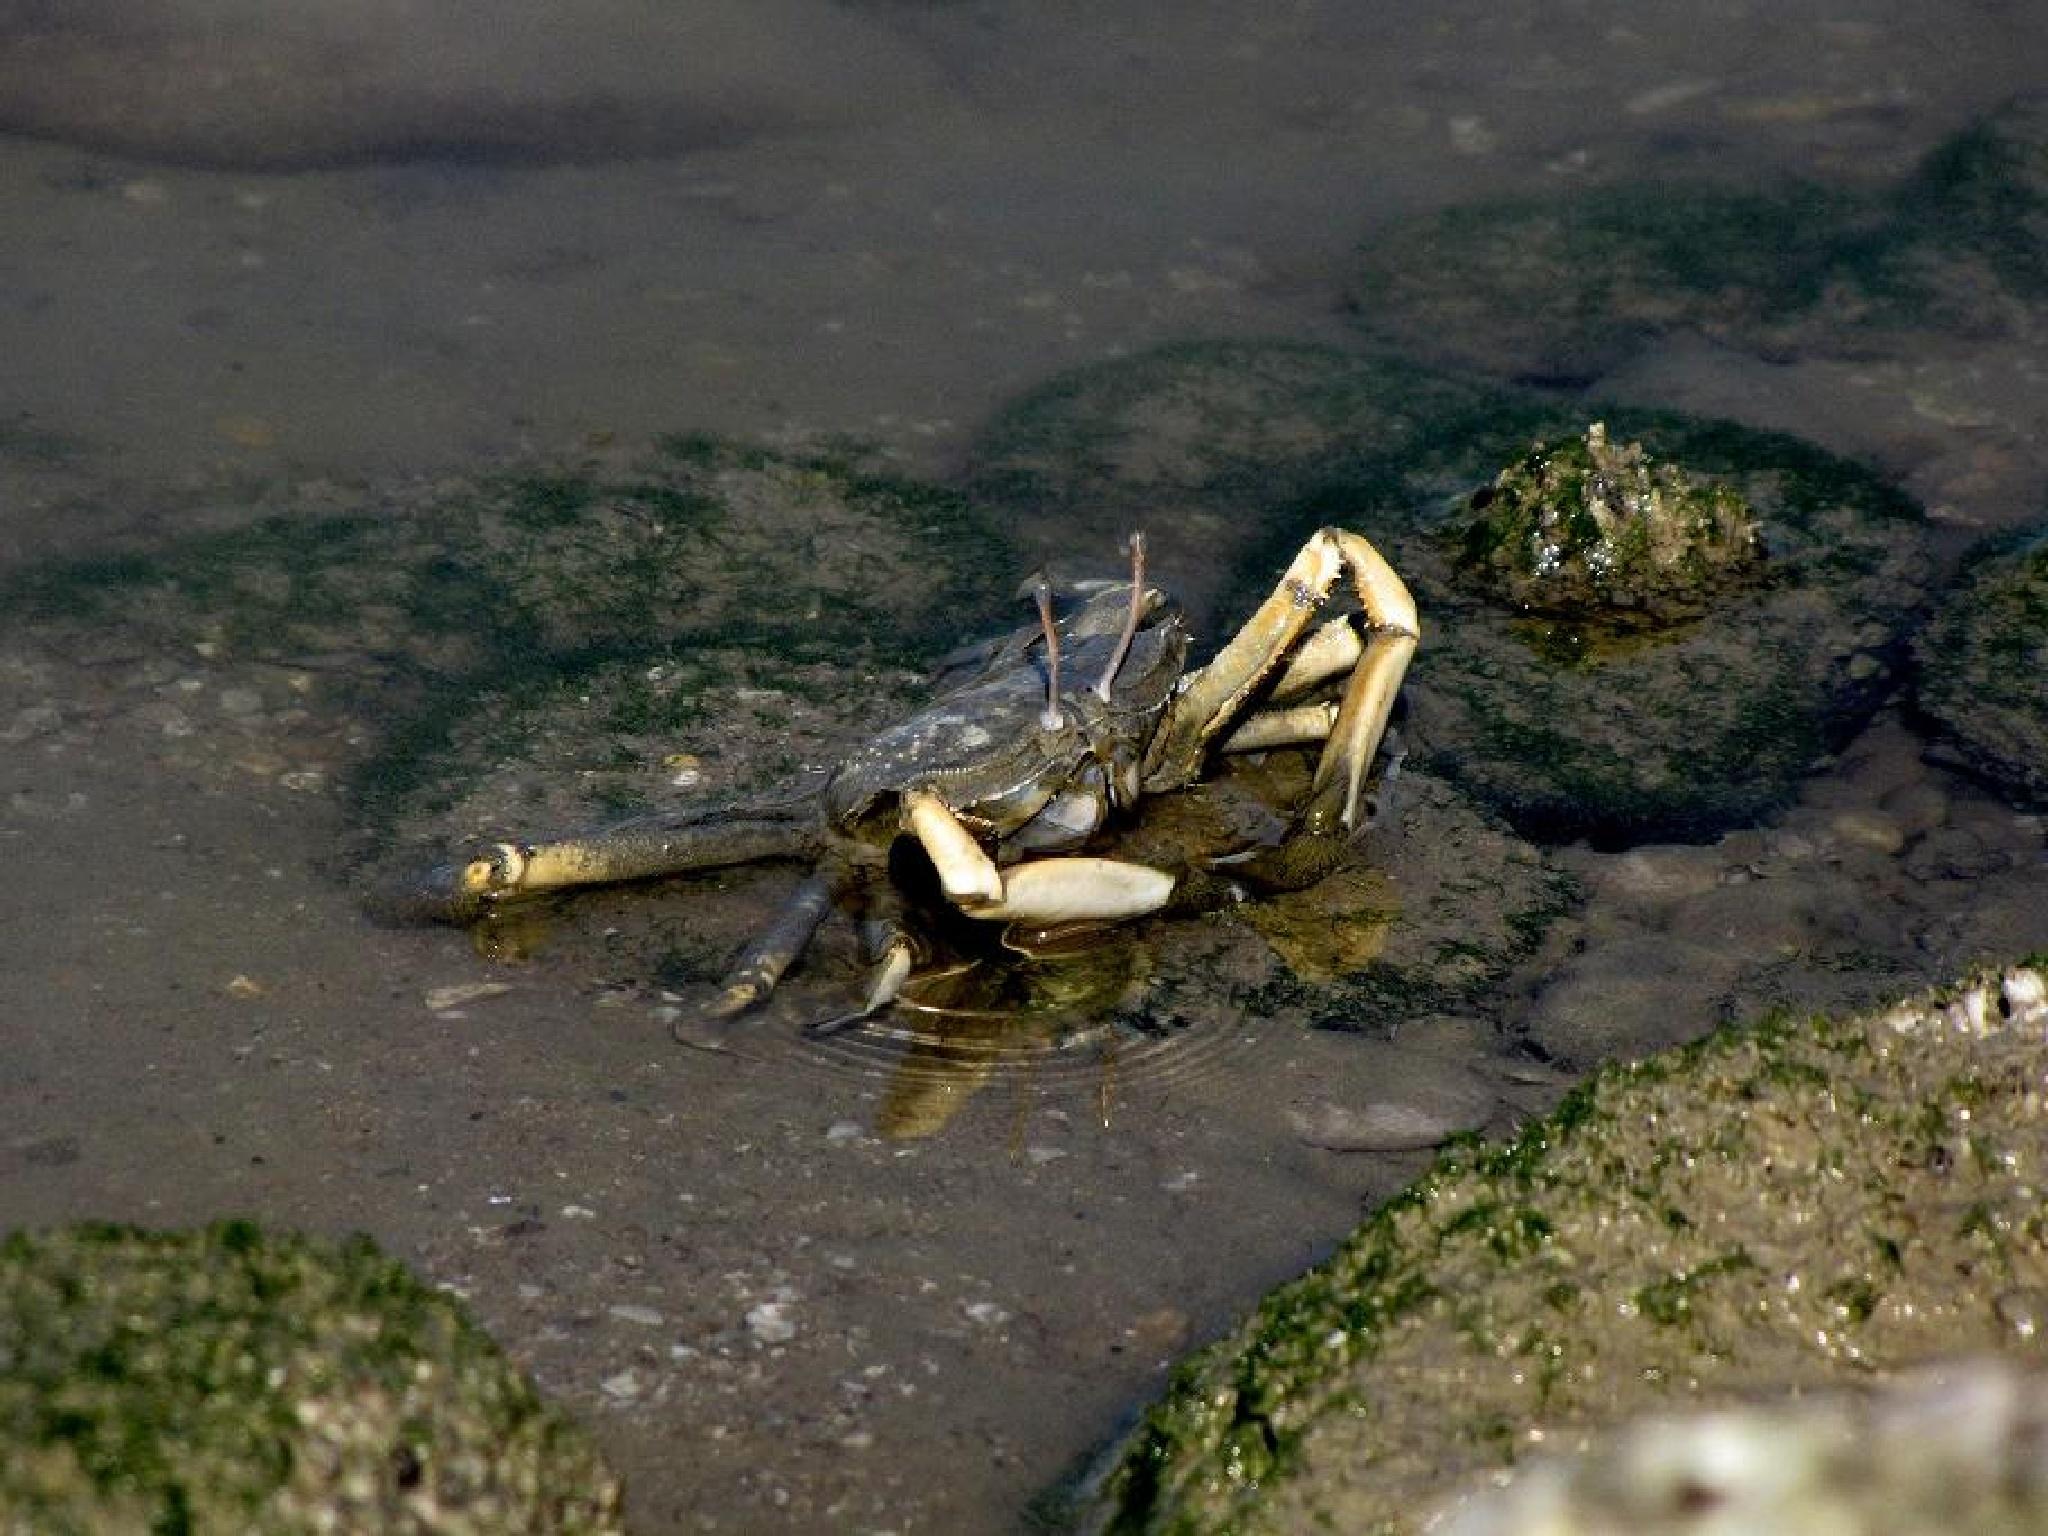 خرچنگ by omidshahinpoor